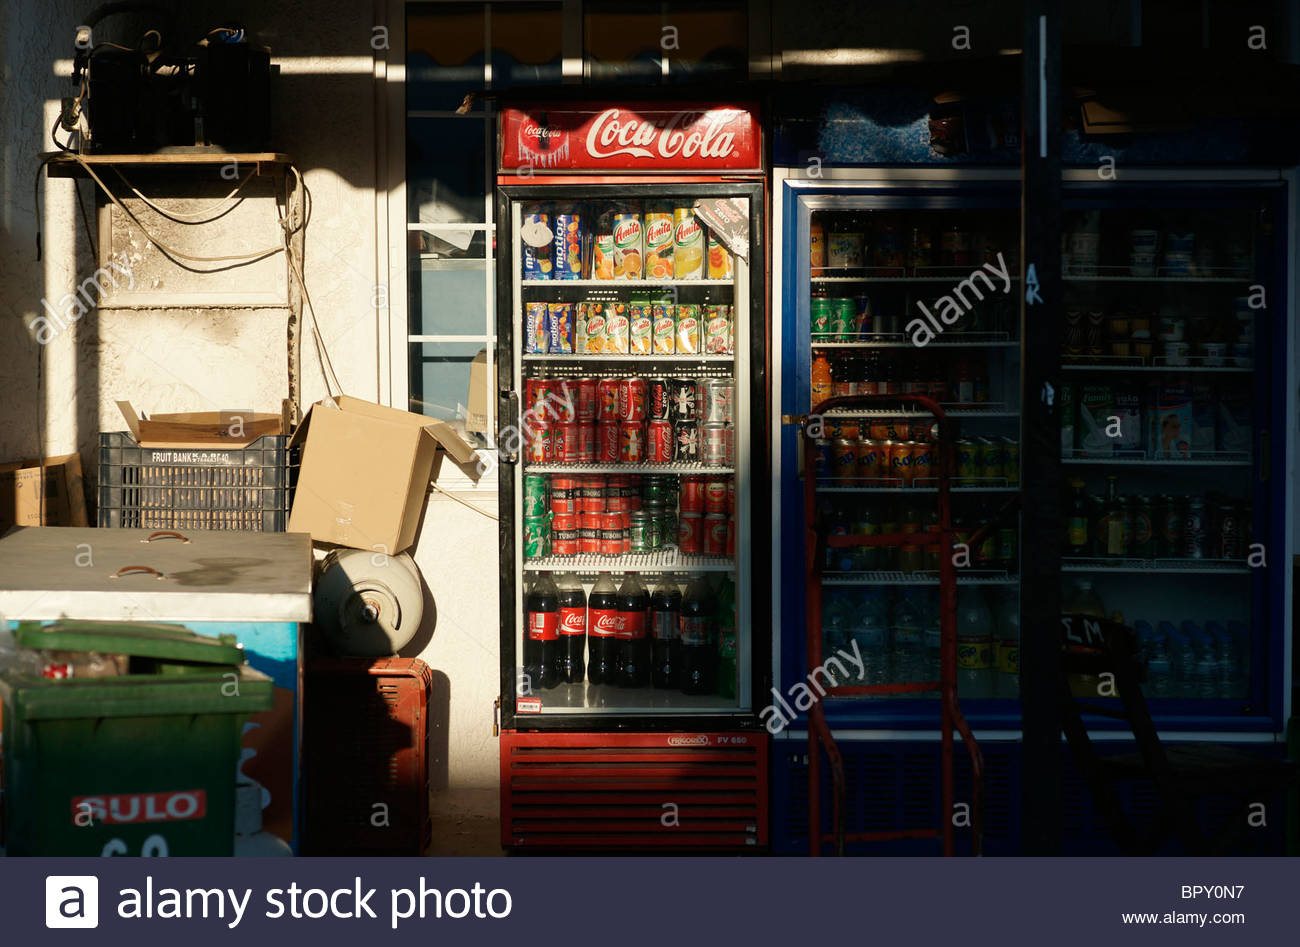 Griechenland, Coca Cola Soft Getränke Kühler Stockfoto, Bild ...